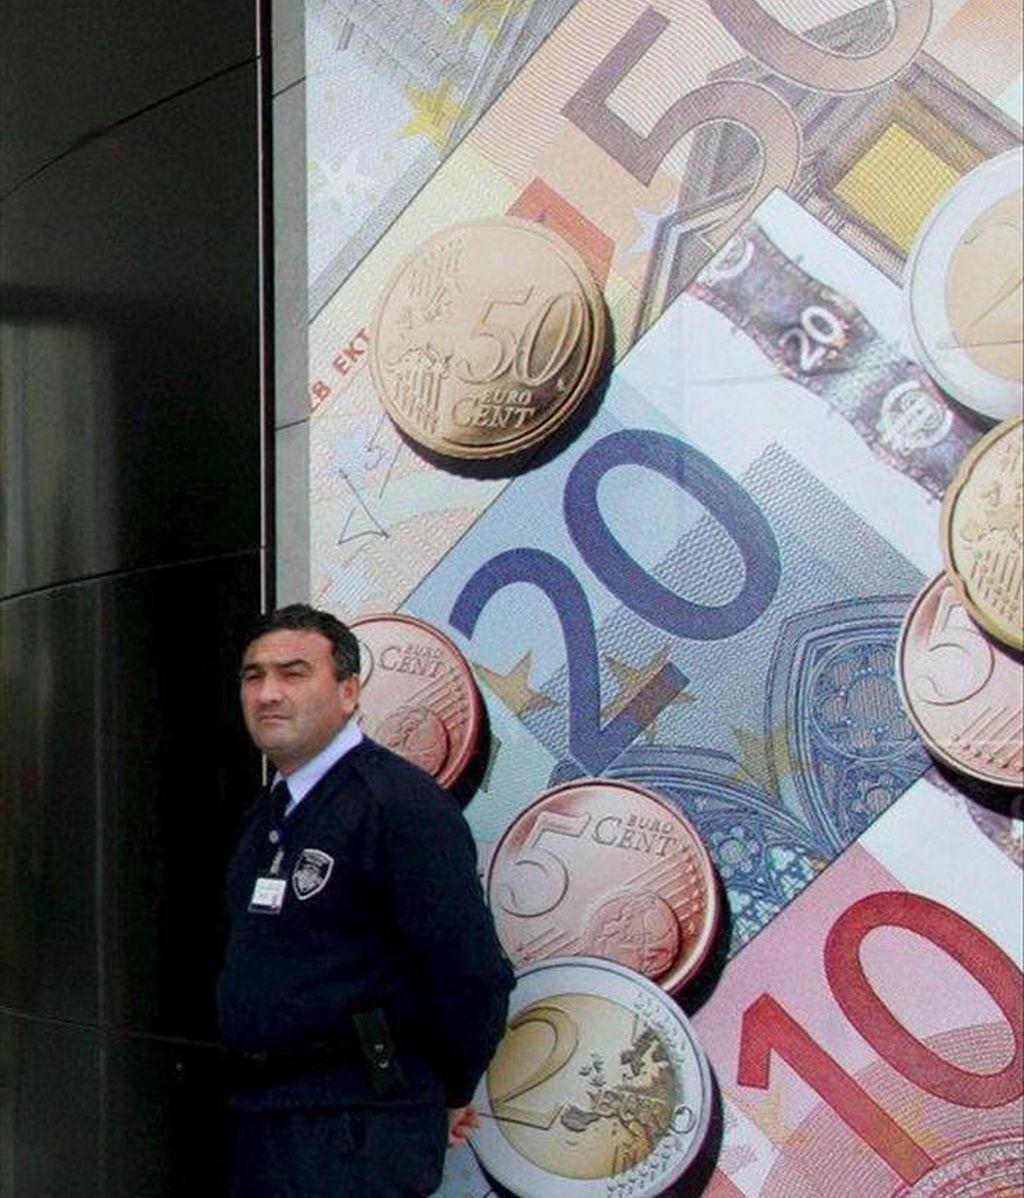 En la imagen, una valla publicitaria con monedas y billetes de euro. EFE/Archivo